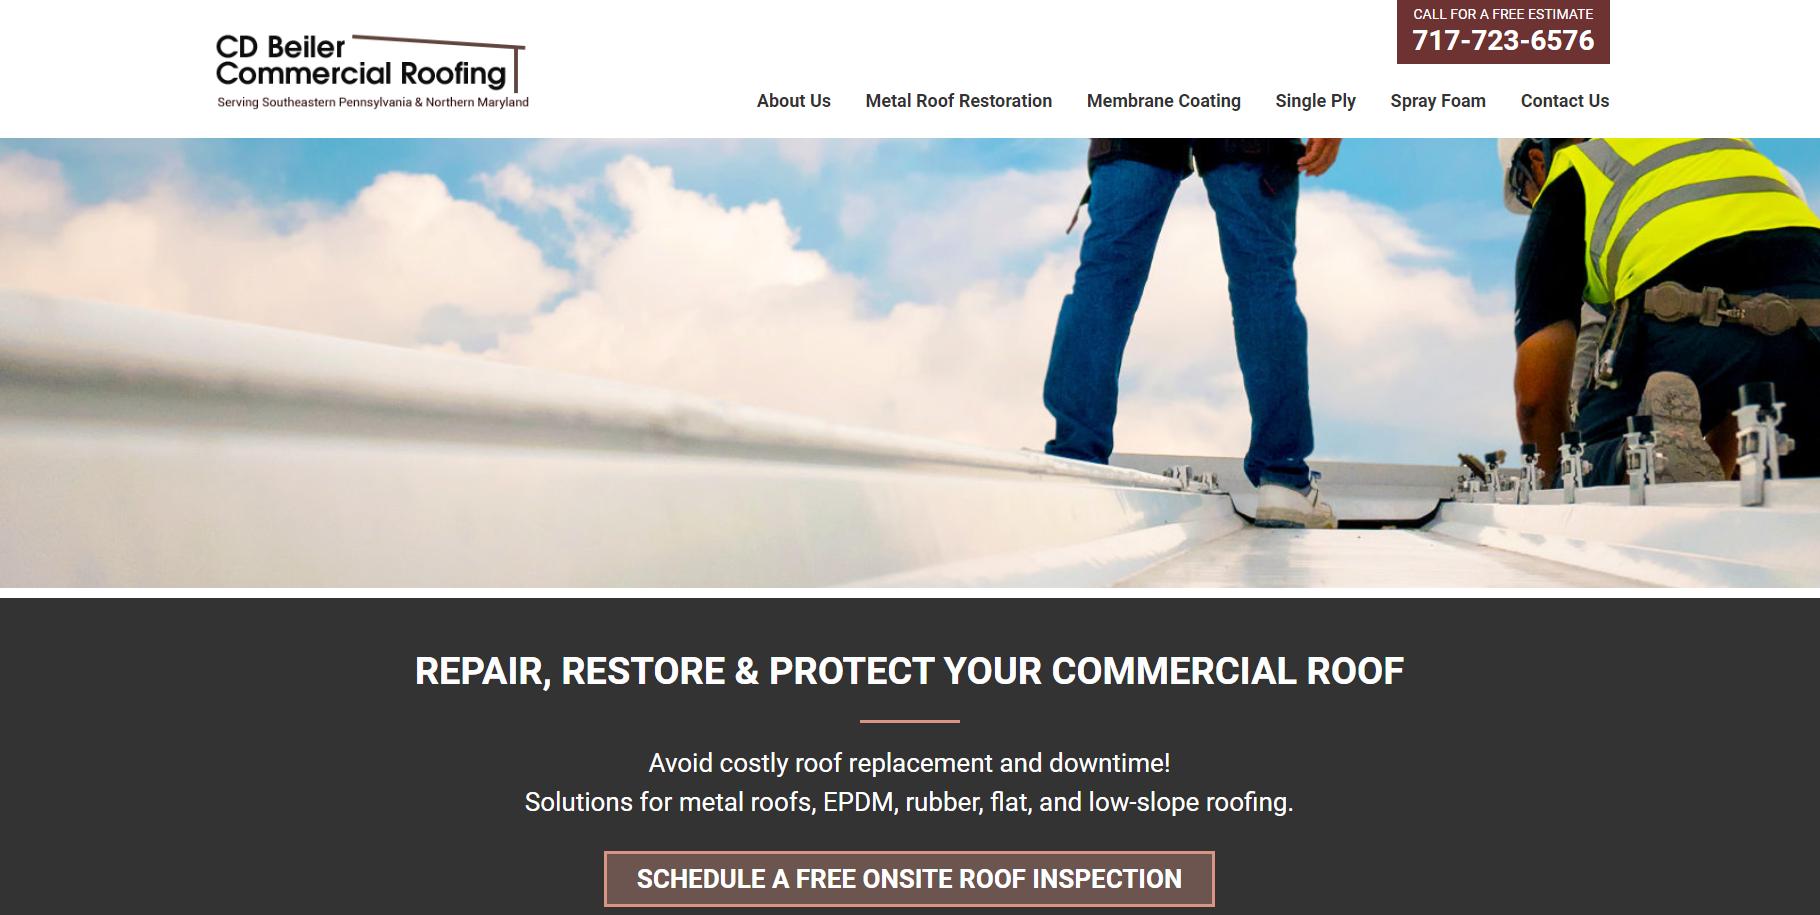 CDBeiler-Roofing-Homepage